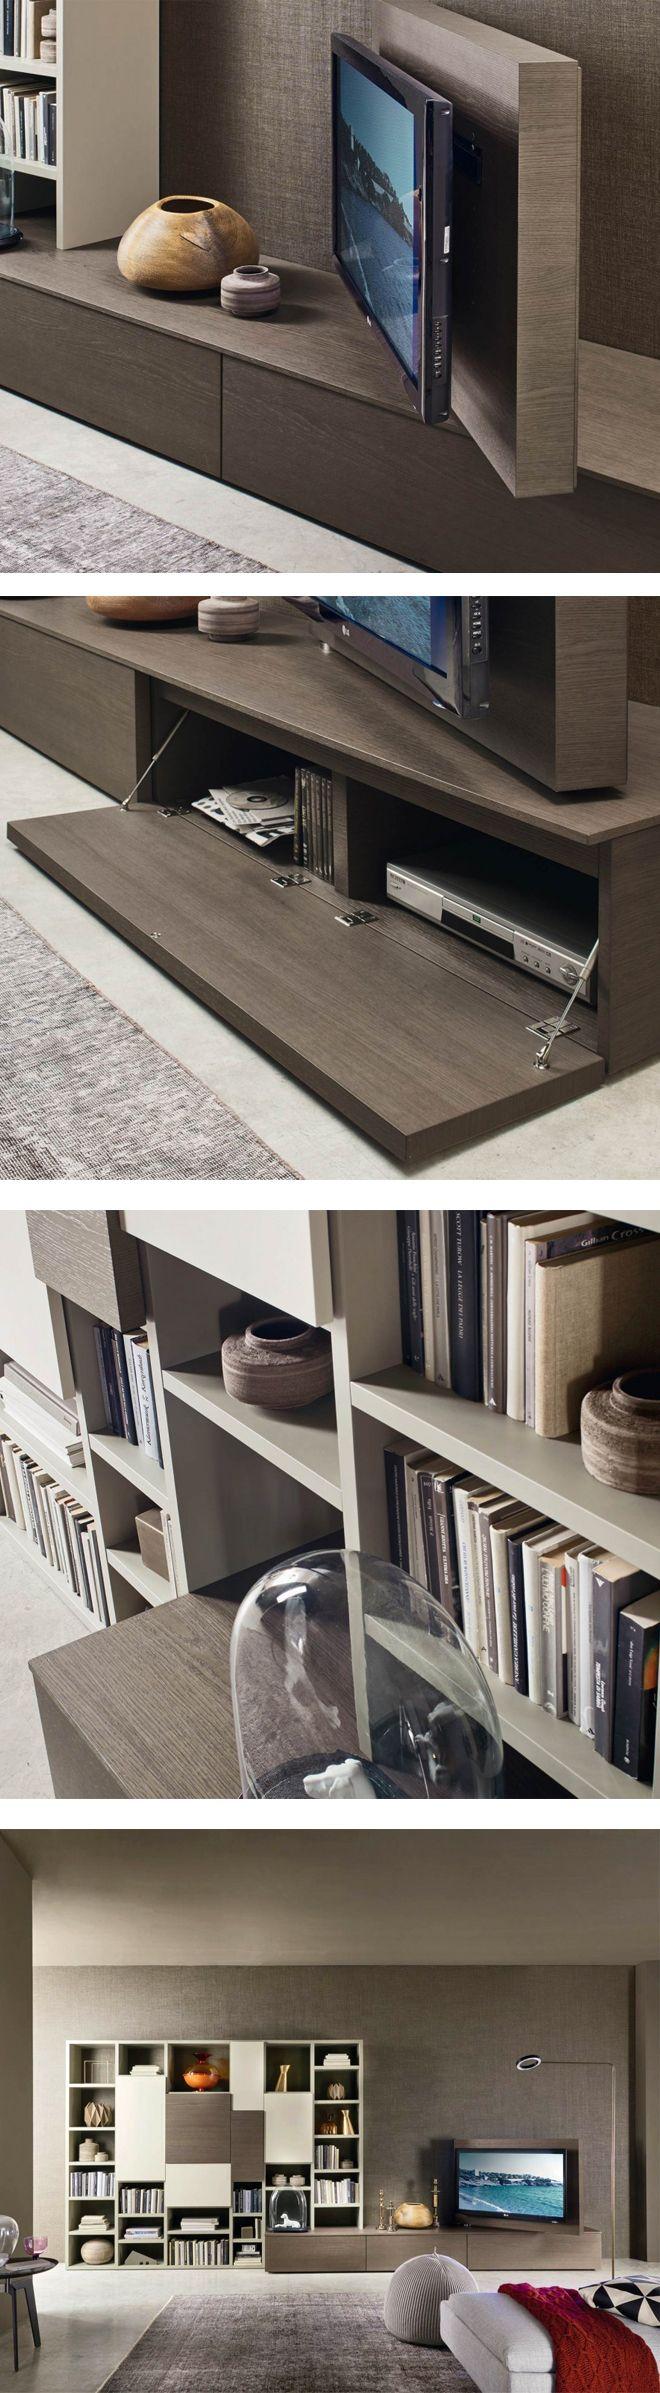 Die Livitalia Design Wohnwand C45 hat ein Bücherregal, ein TV Lowboard und ein schwenkbares TV Paneel. #Wohnwand #Regal #Bücherregal #wallsystem #wallunit #TV #TVPaneel #modern #minimalistisch #Wohnzimmer #livingroom #frame #shelf #bookcase #inspiration #Einrichtungsideen #wohntrend #wohnstil #interiordesign #interiordecorating #home #wohnen